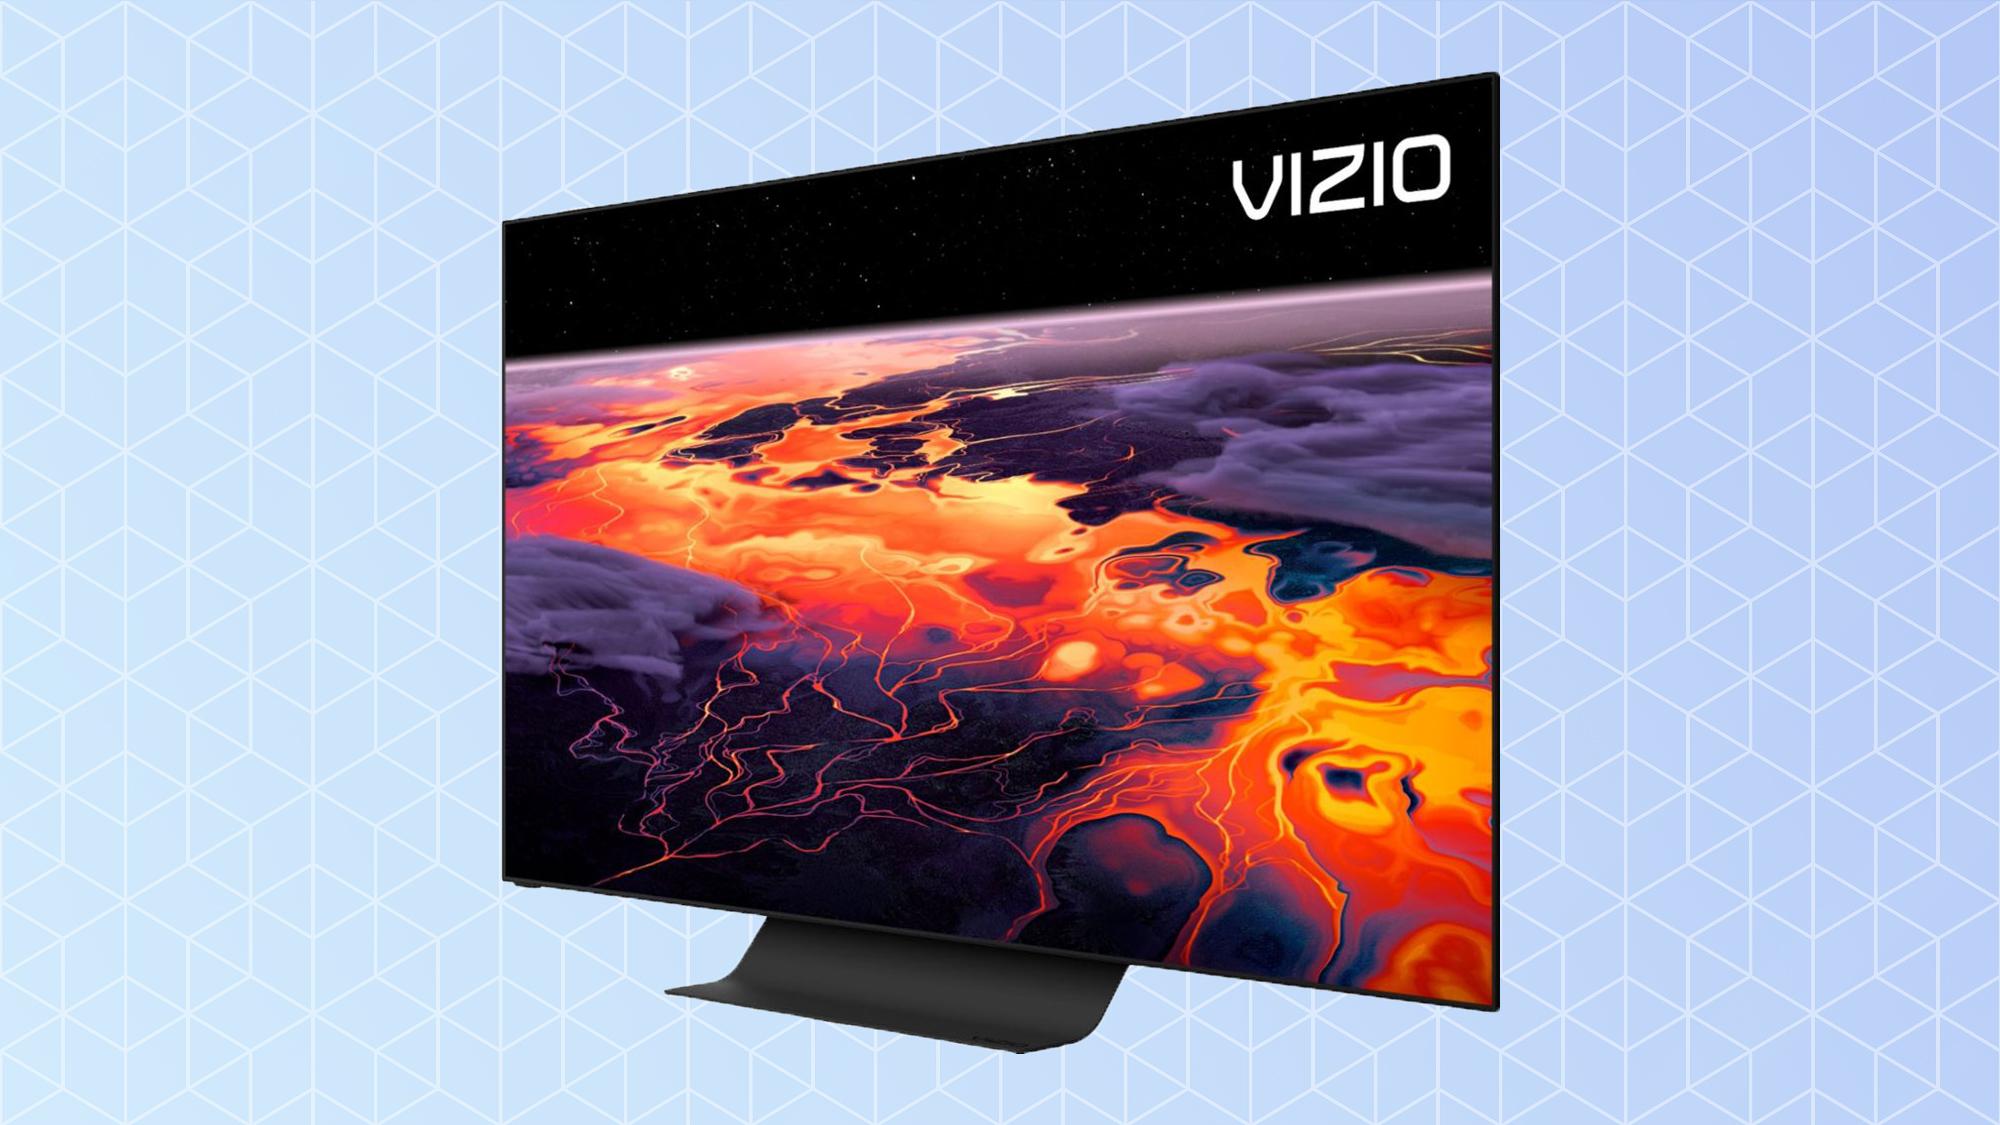 best TV: Vizio OLED TV (OLED55-H1)